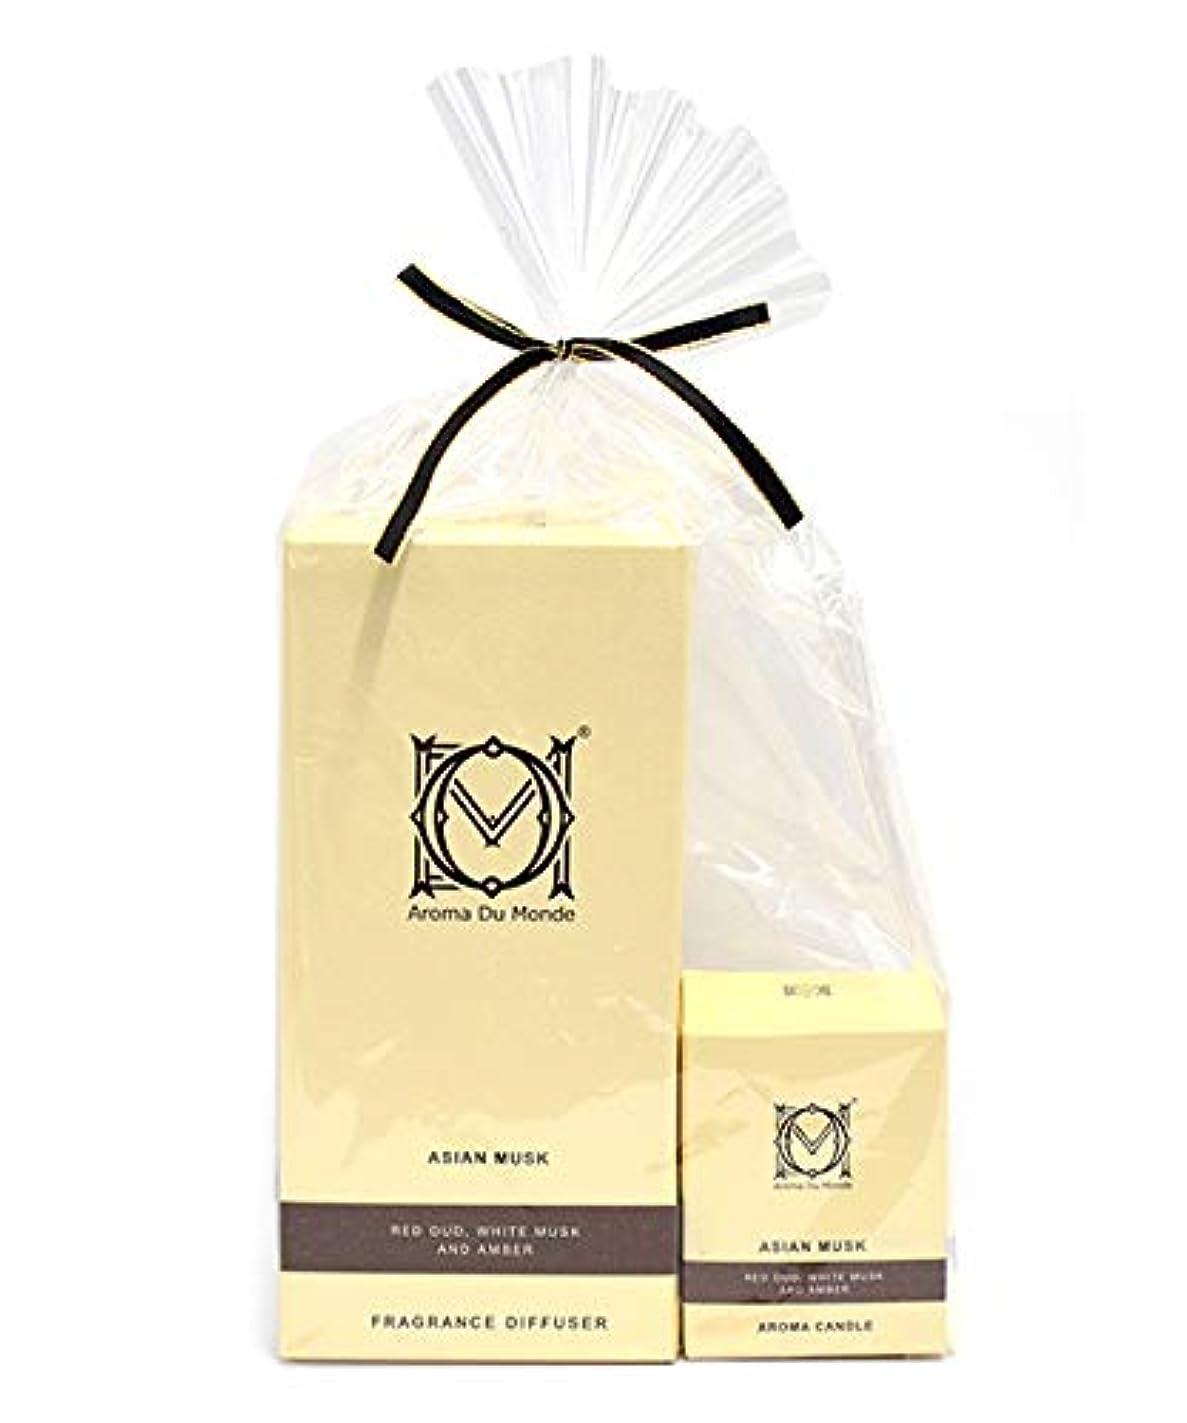 米国採用する富フレグランスディフューザー&キャンドル アジアンムスク セット Aroma Du Monde/ADM Fragrance Diffuser & Candle Asian Musk Set 81157